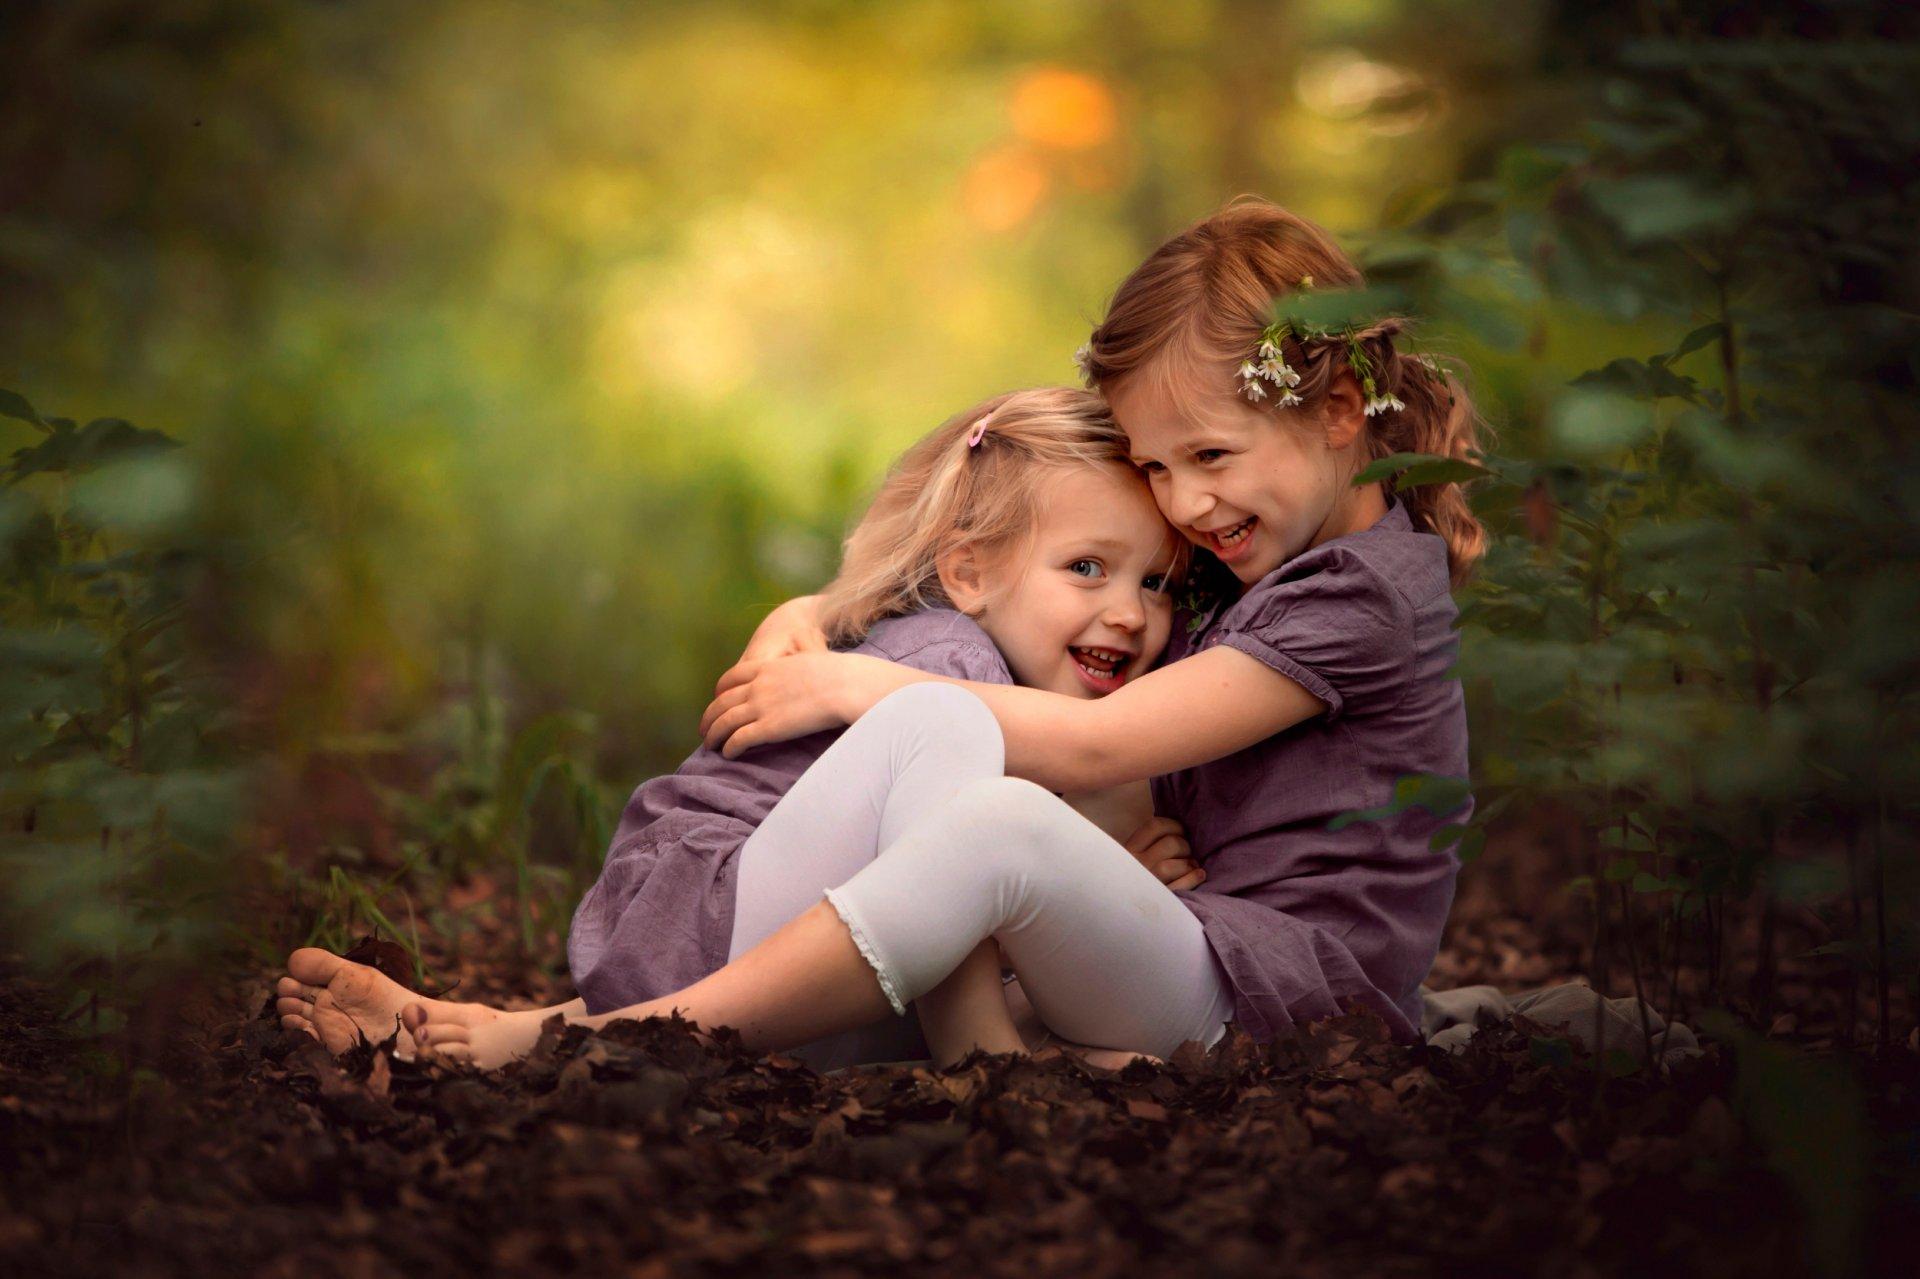 качестве хобби картинка про сестру младшую лучше ехать осенью